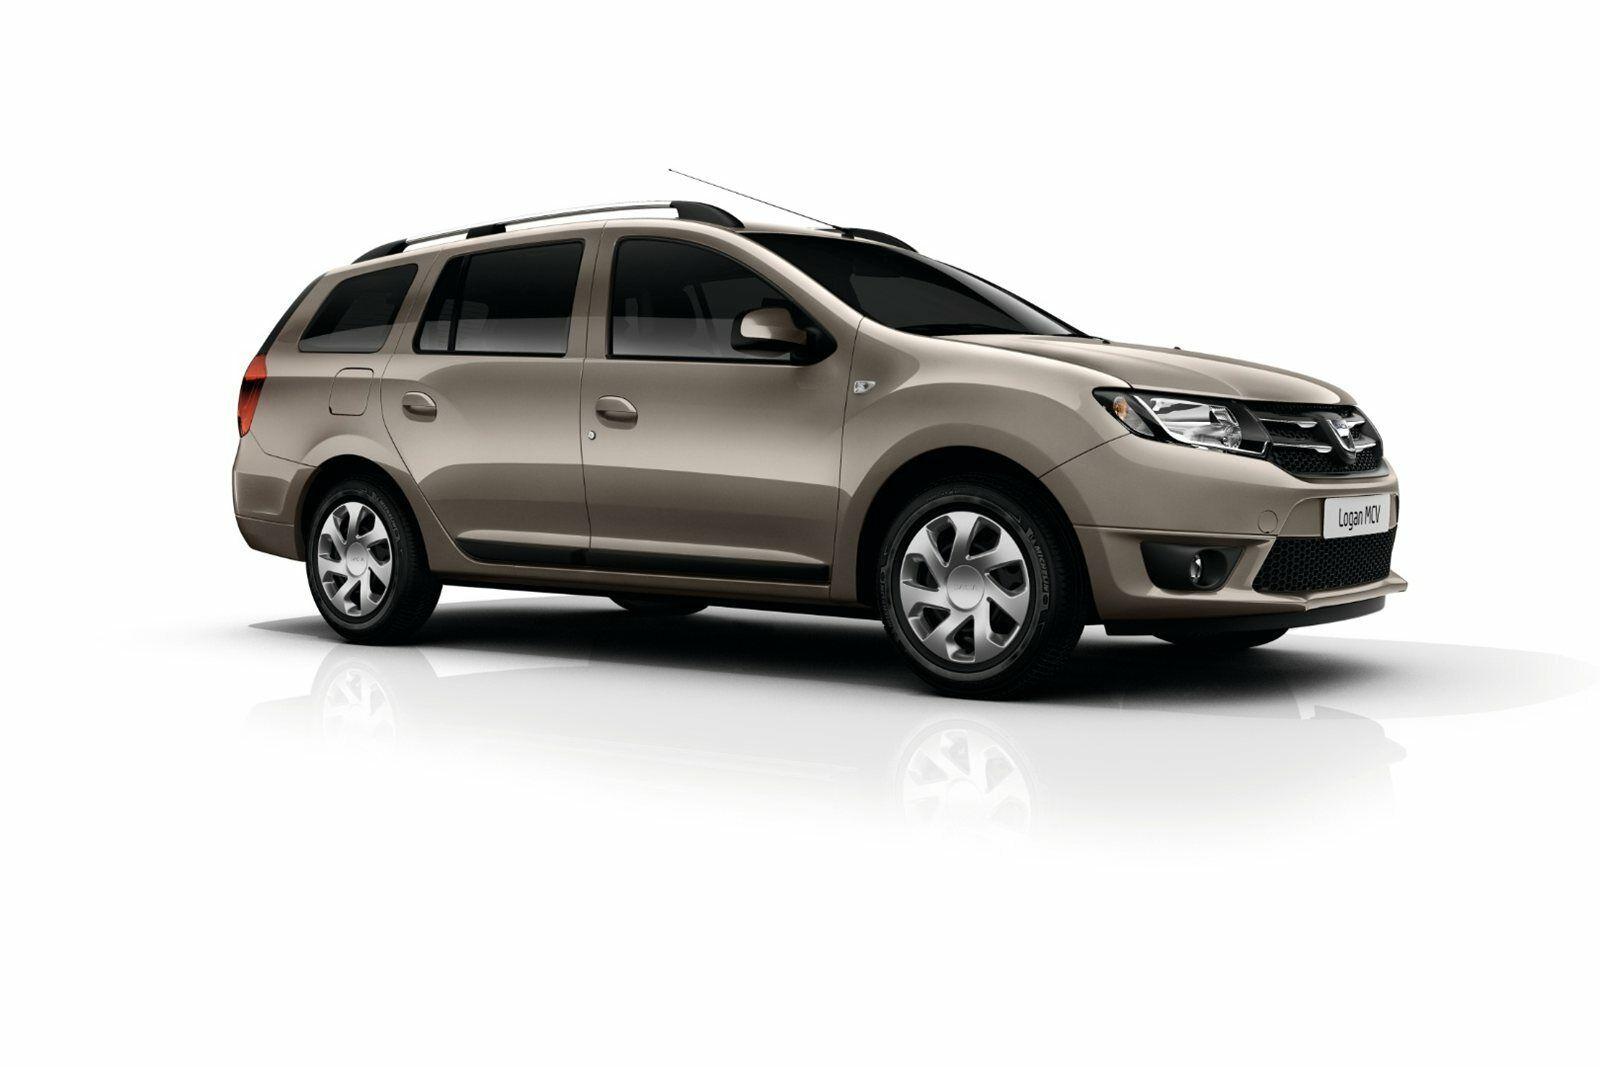 Dacia Logan 0,9 TCe 90 Ambiance MCV 5d